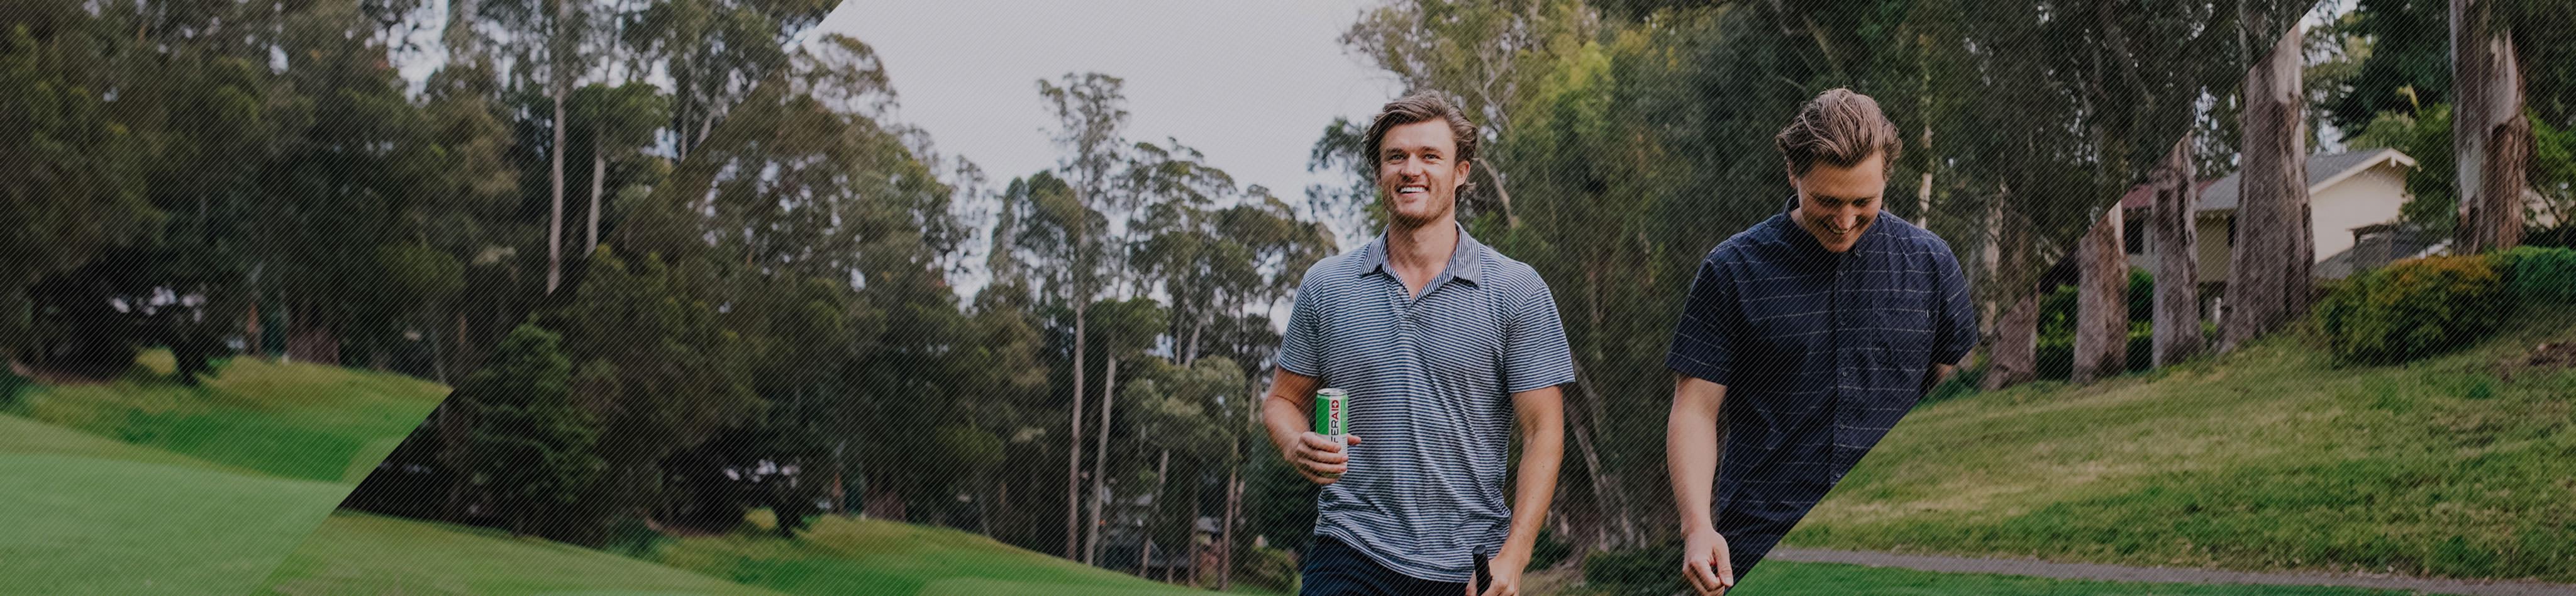 golferaiddrink